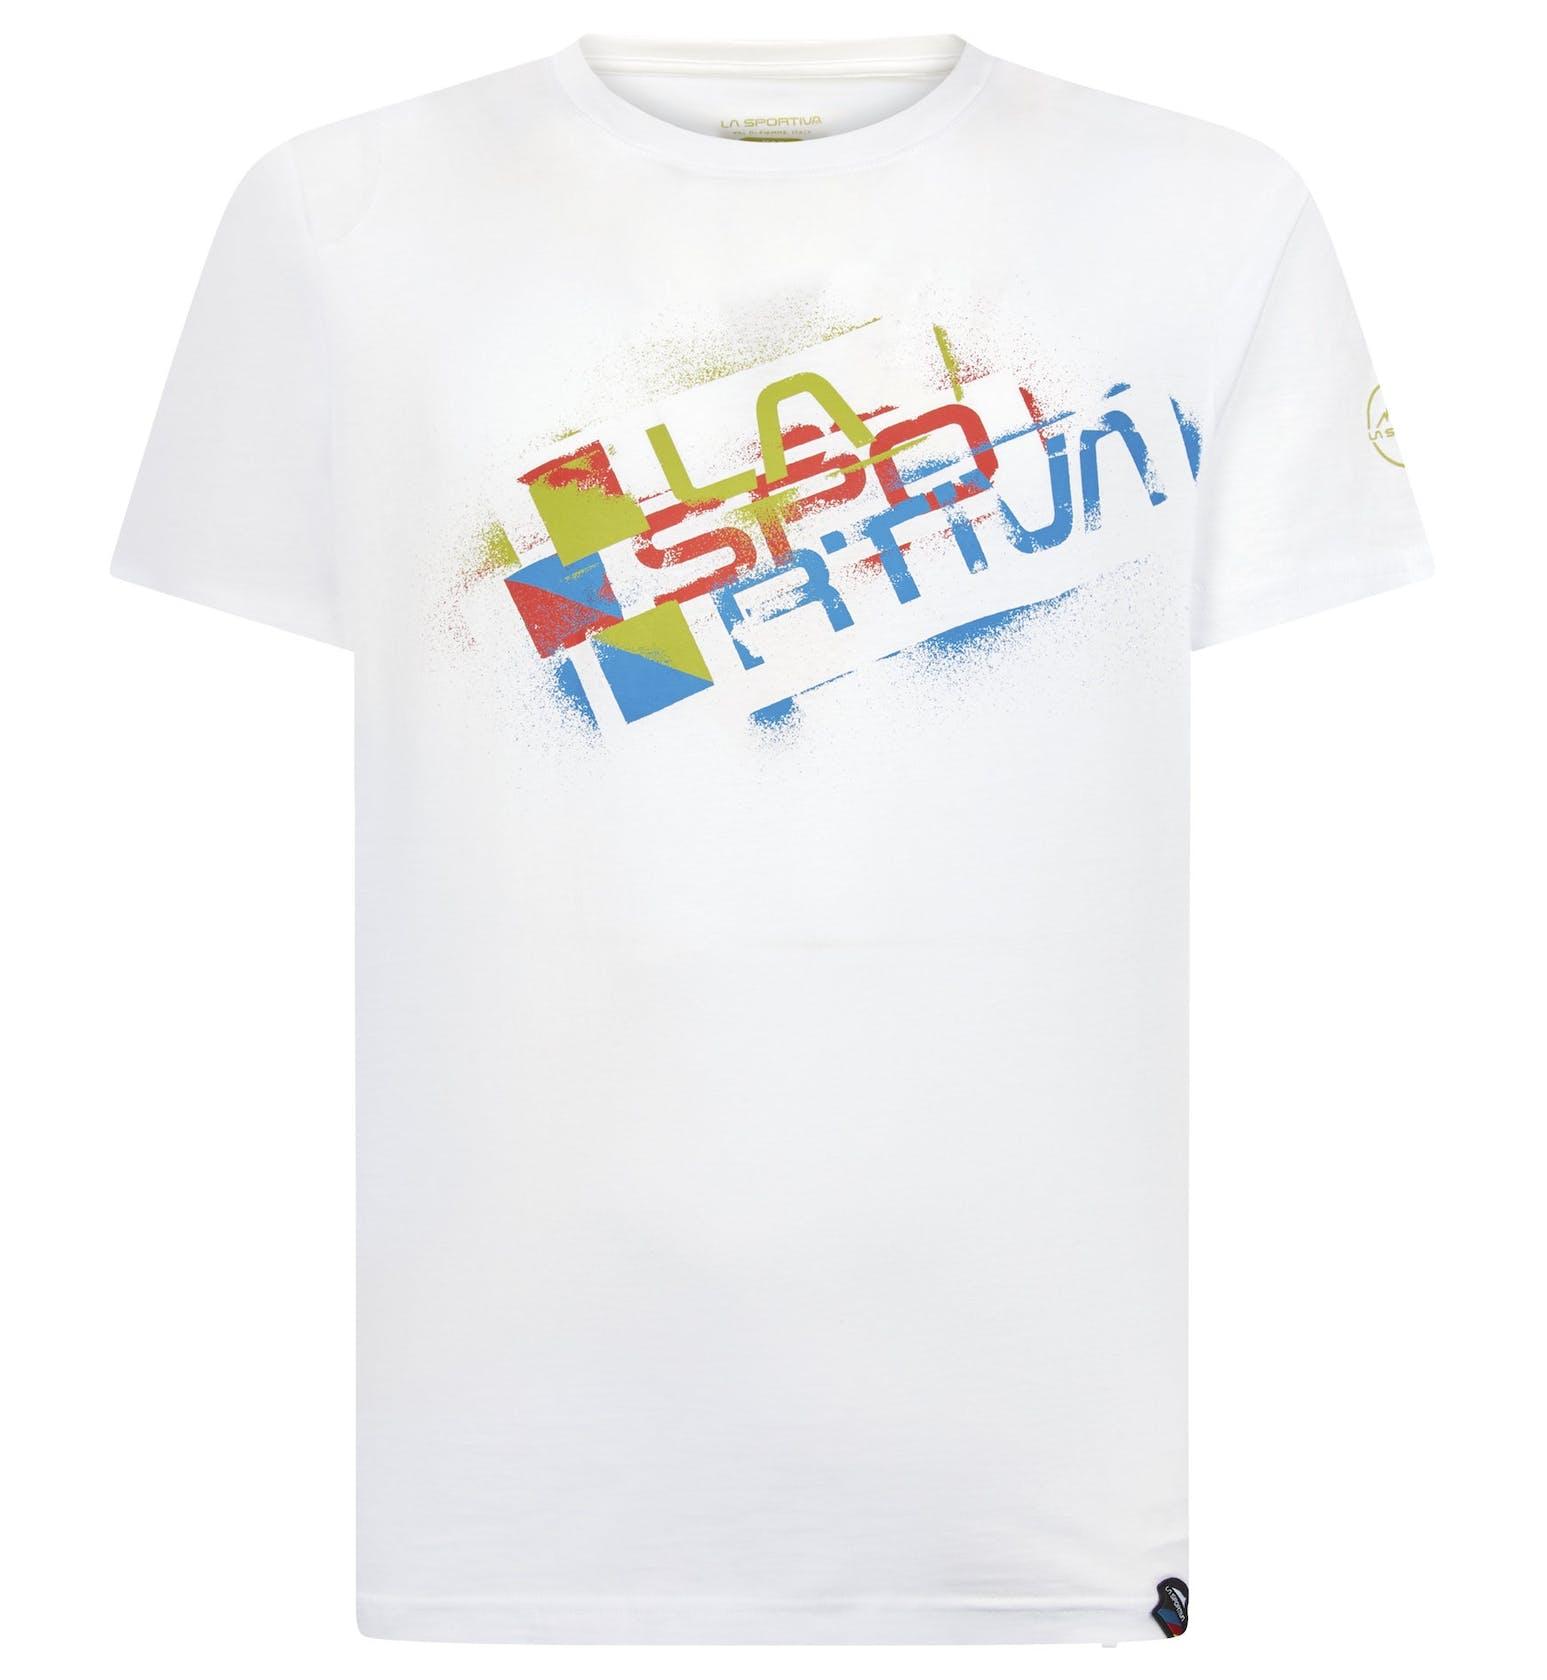 La Sportiva Square Evo - T-Shirt Klettern - Herren